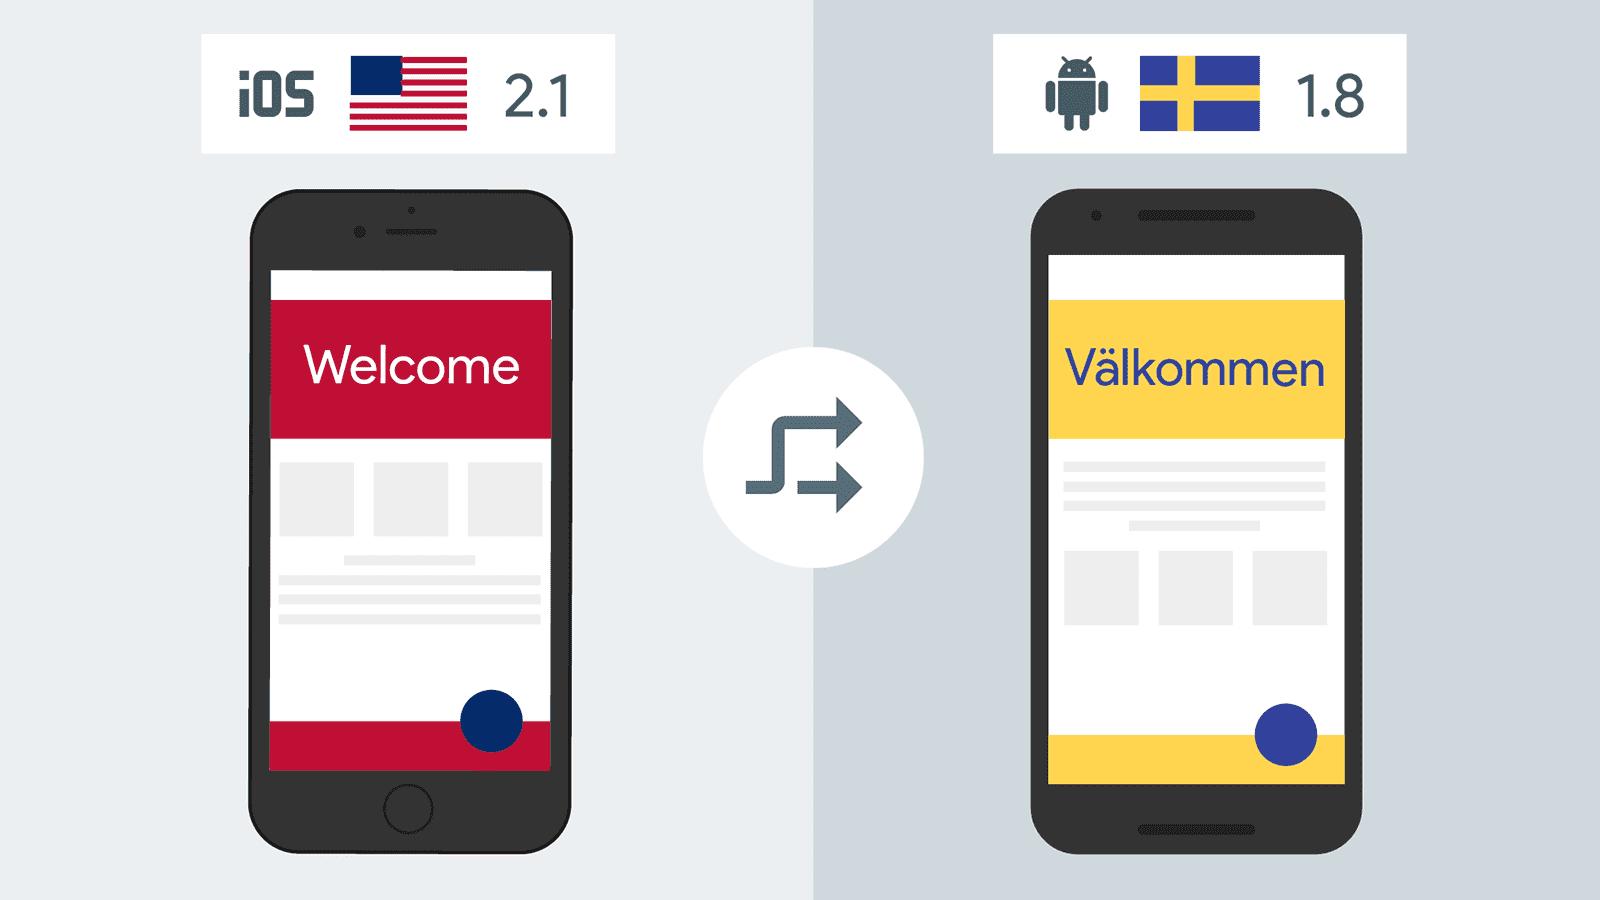 هاتفان بلغتين مختلفتين